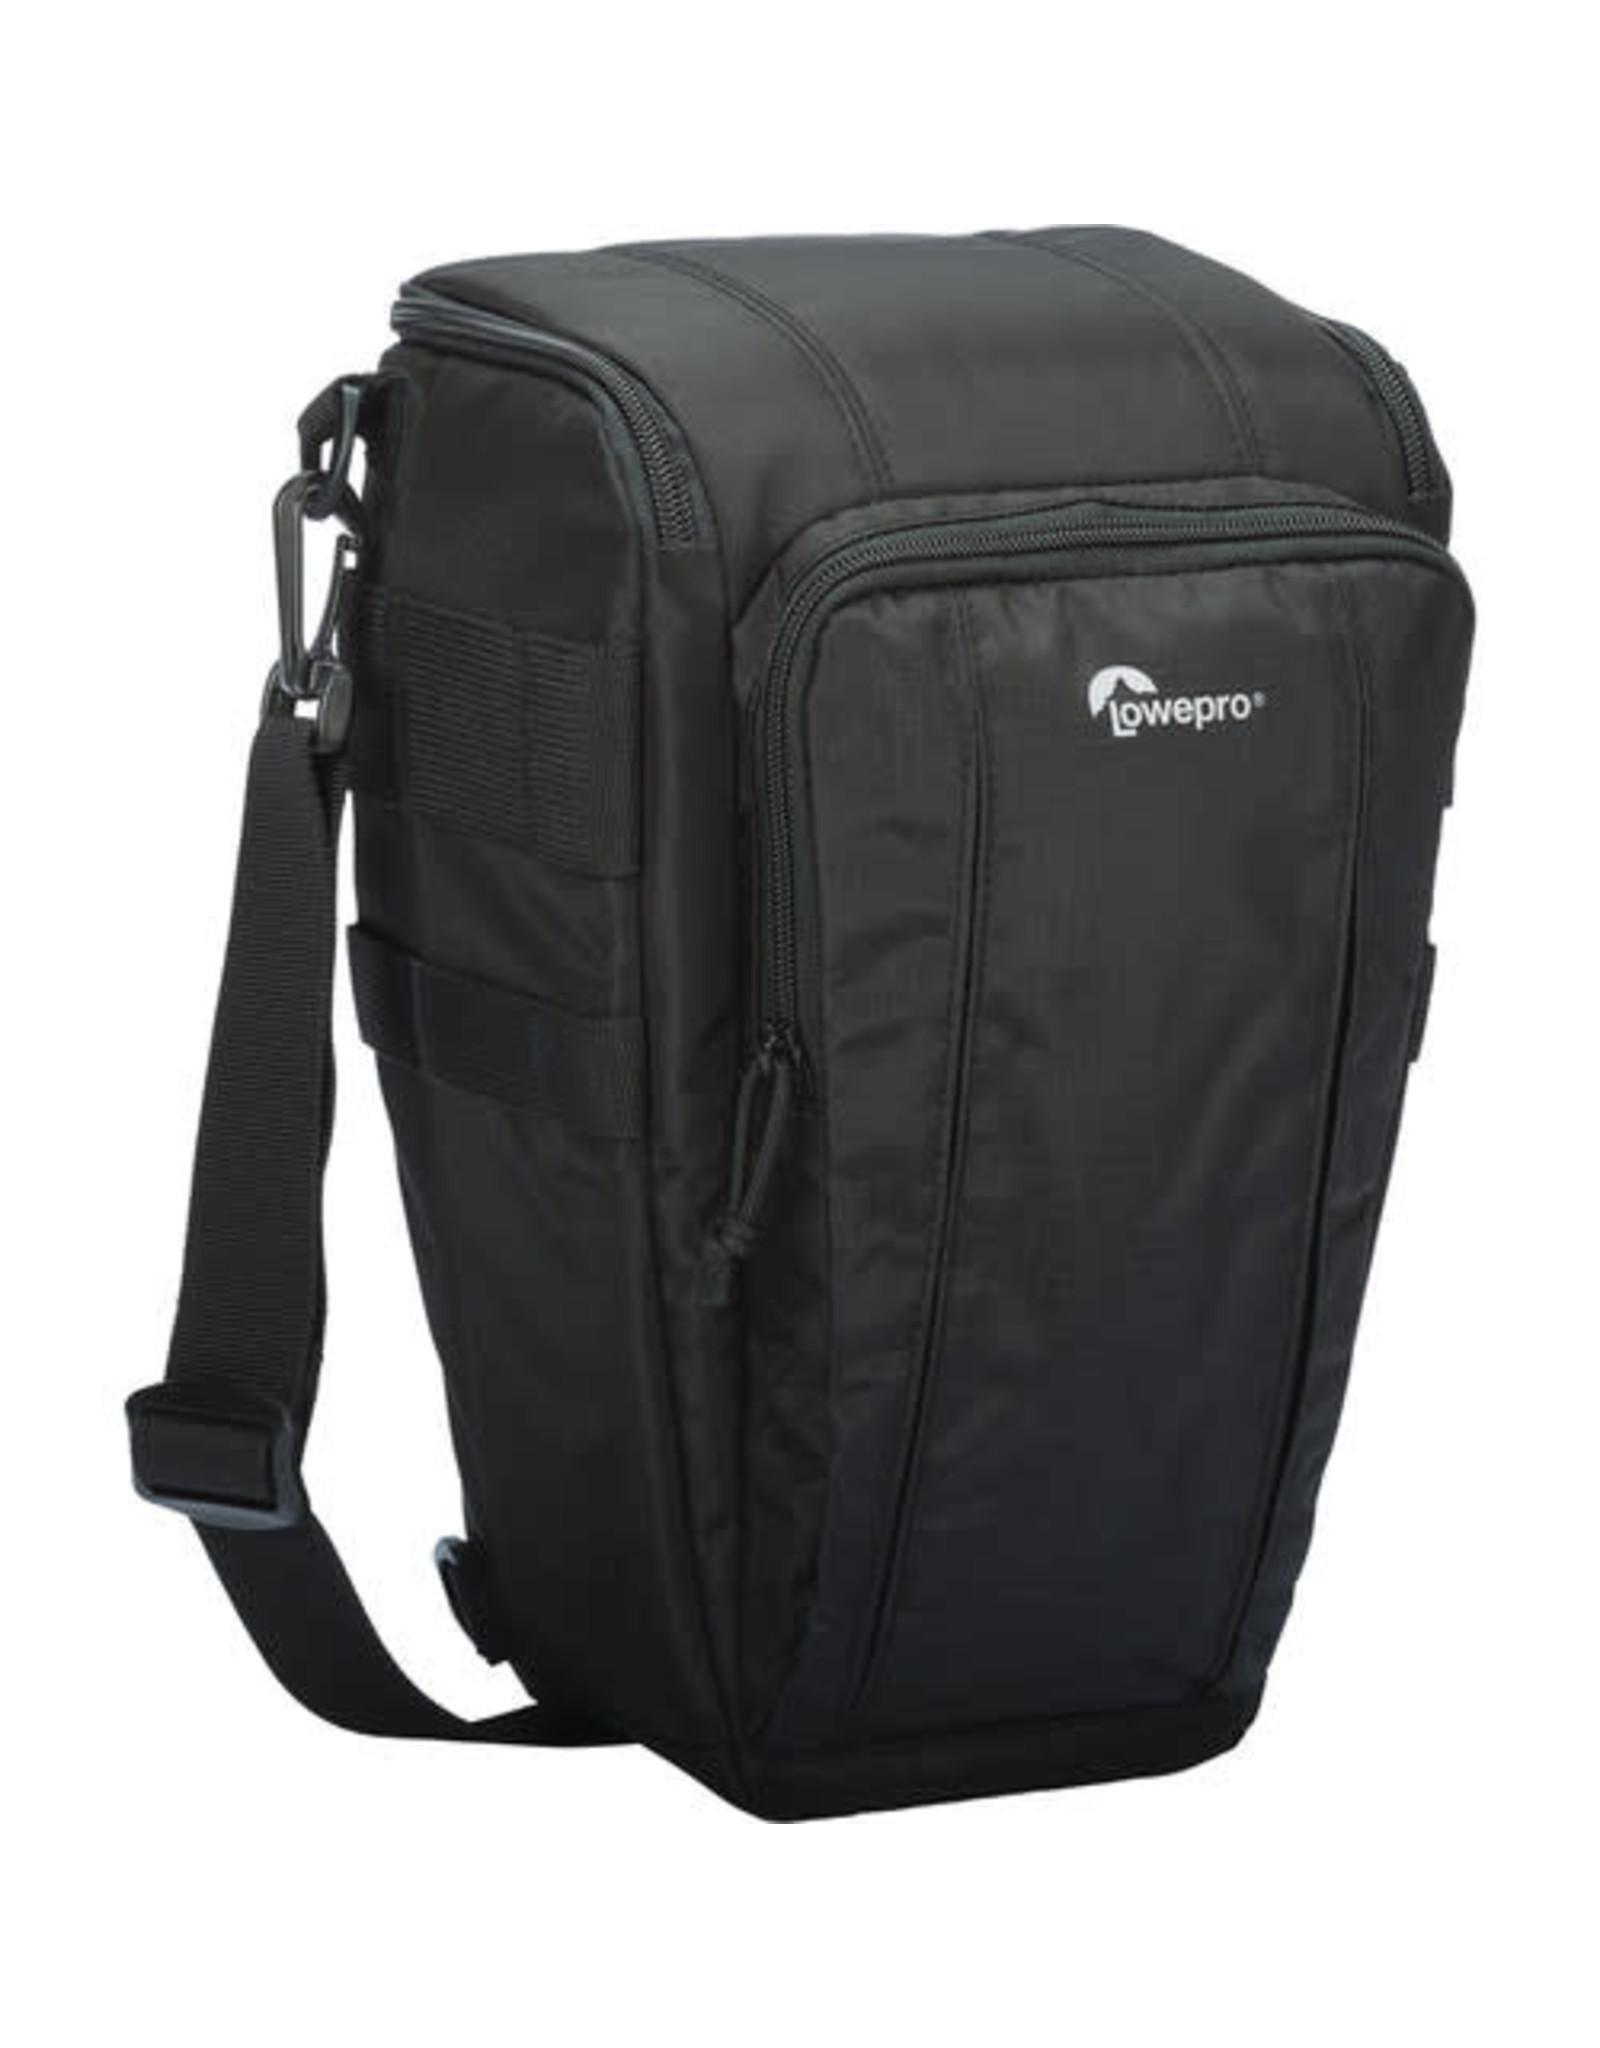 Lowepro Lowepro Toploader Zoom 55 AW II (Black)